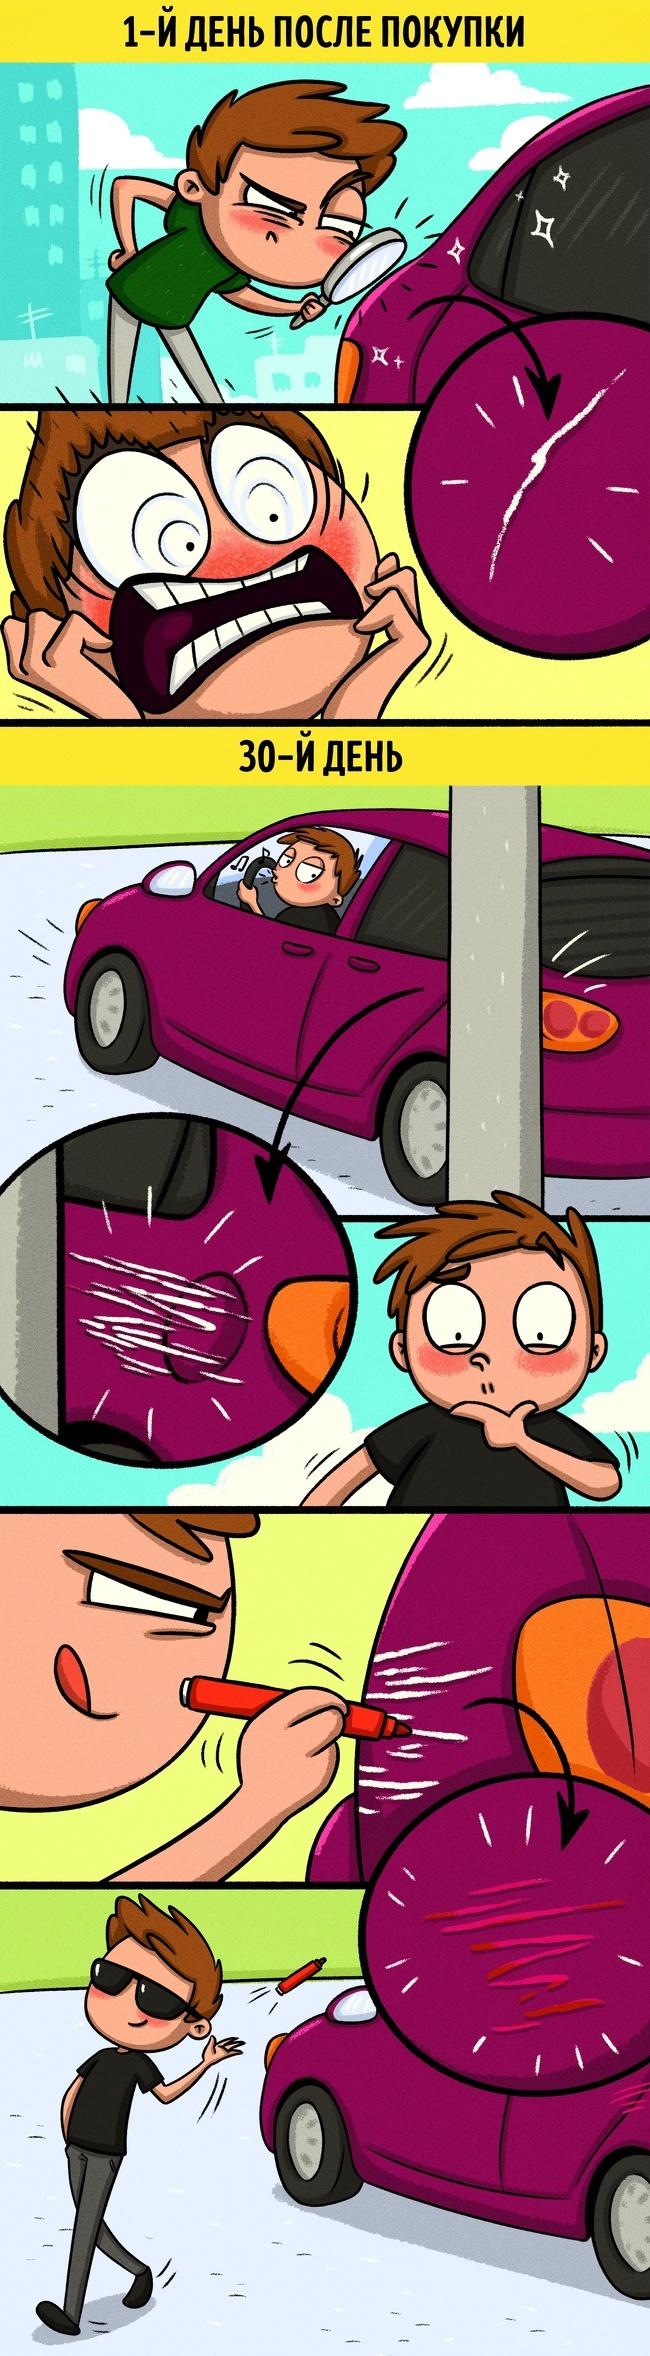 Комикс, который поймут все, у кого есть машина